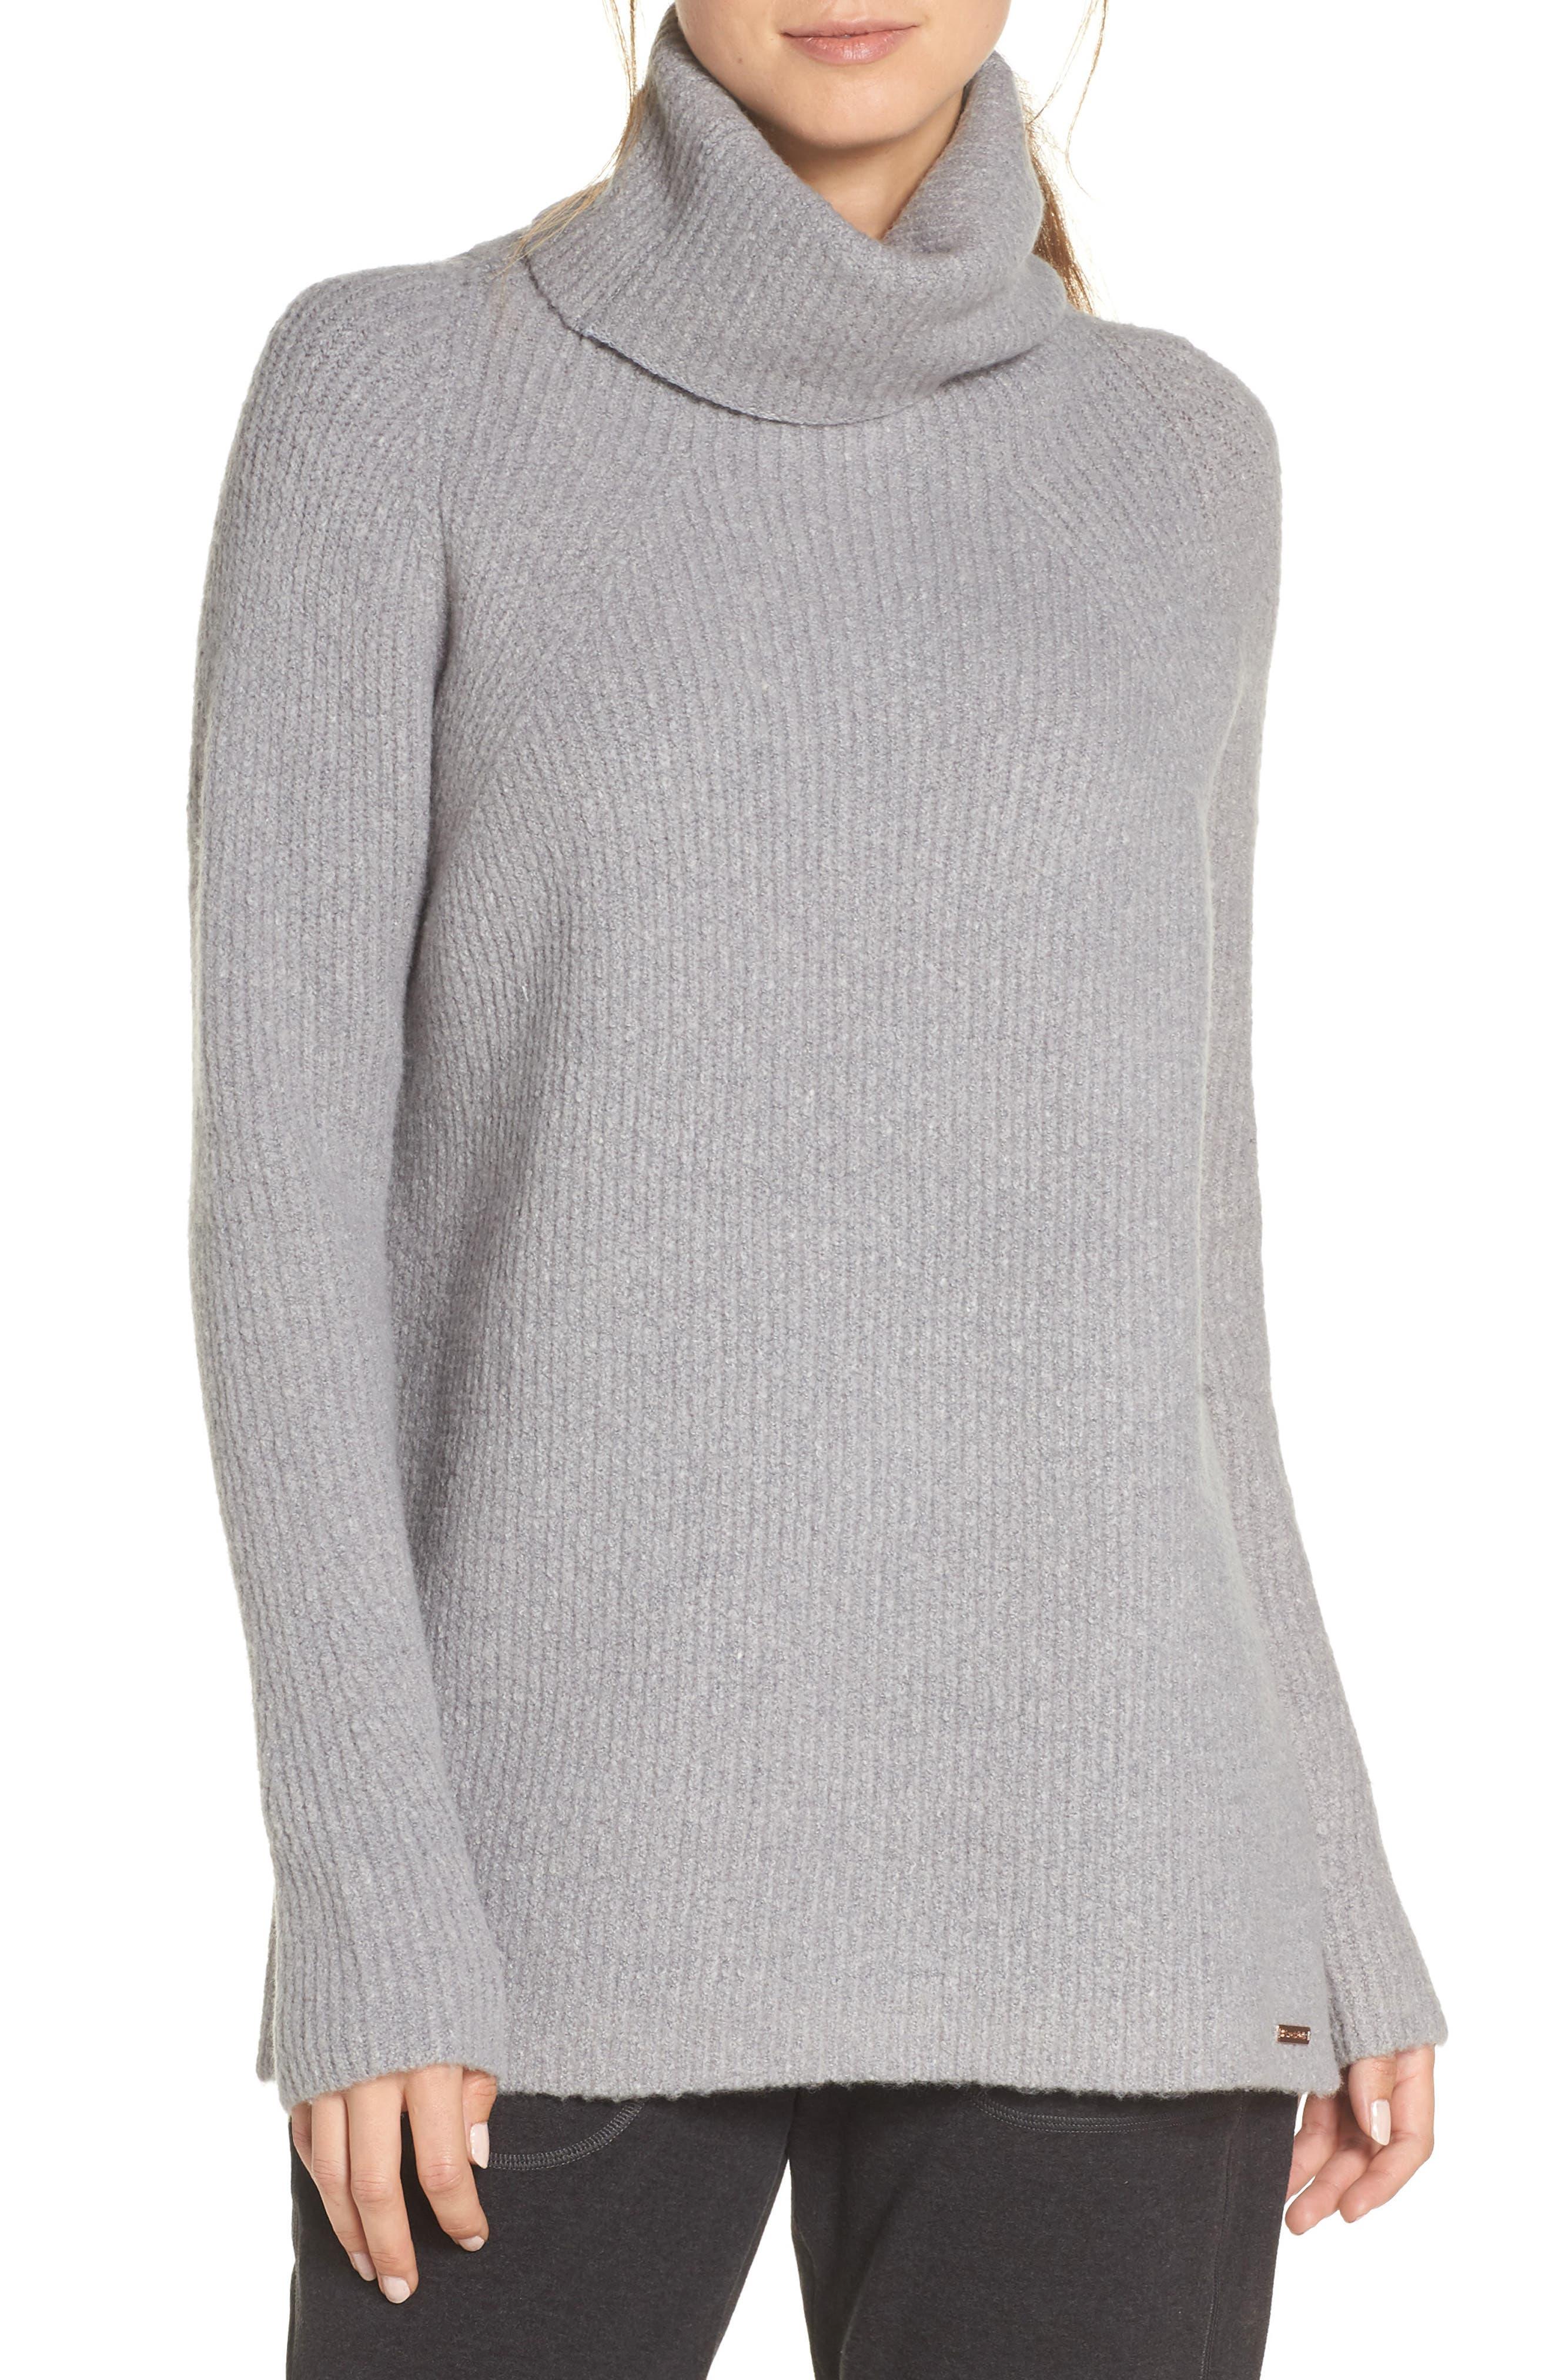 SWEATY BETTY,                             Shakti Oversize Sweater,                             Main thumbnail 1, color,                             023